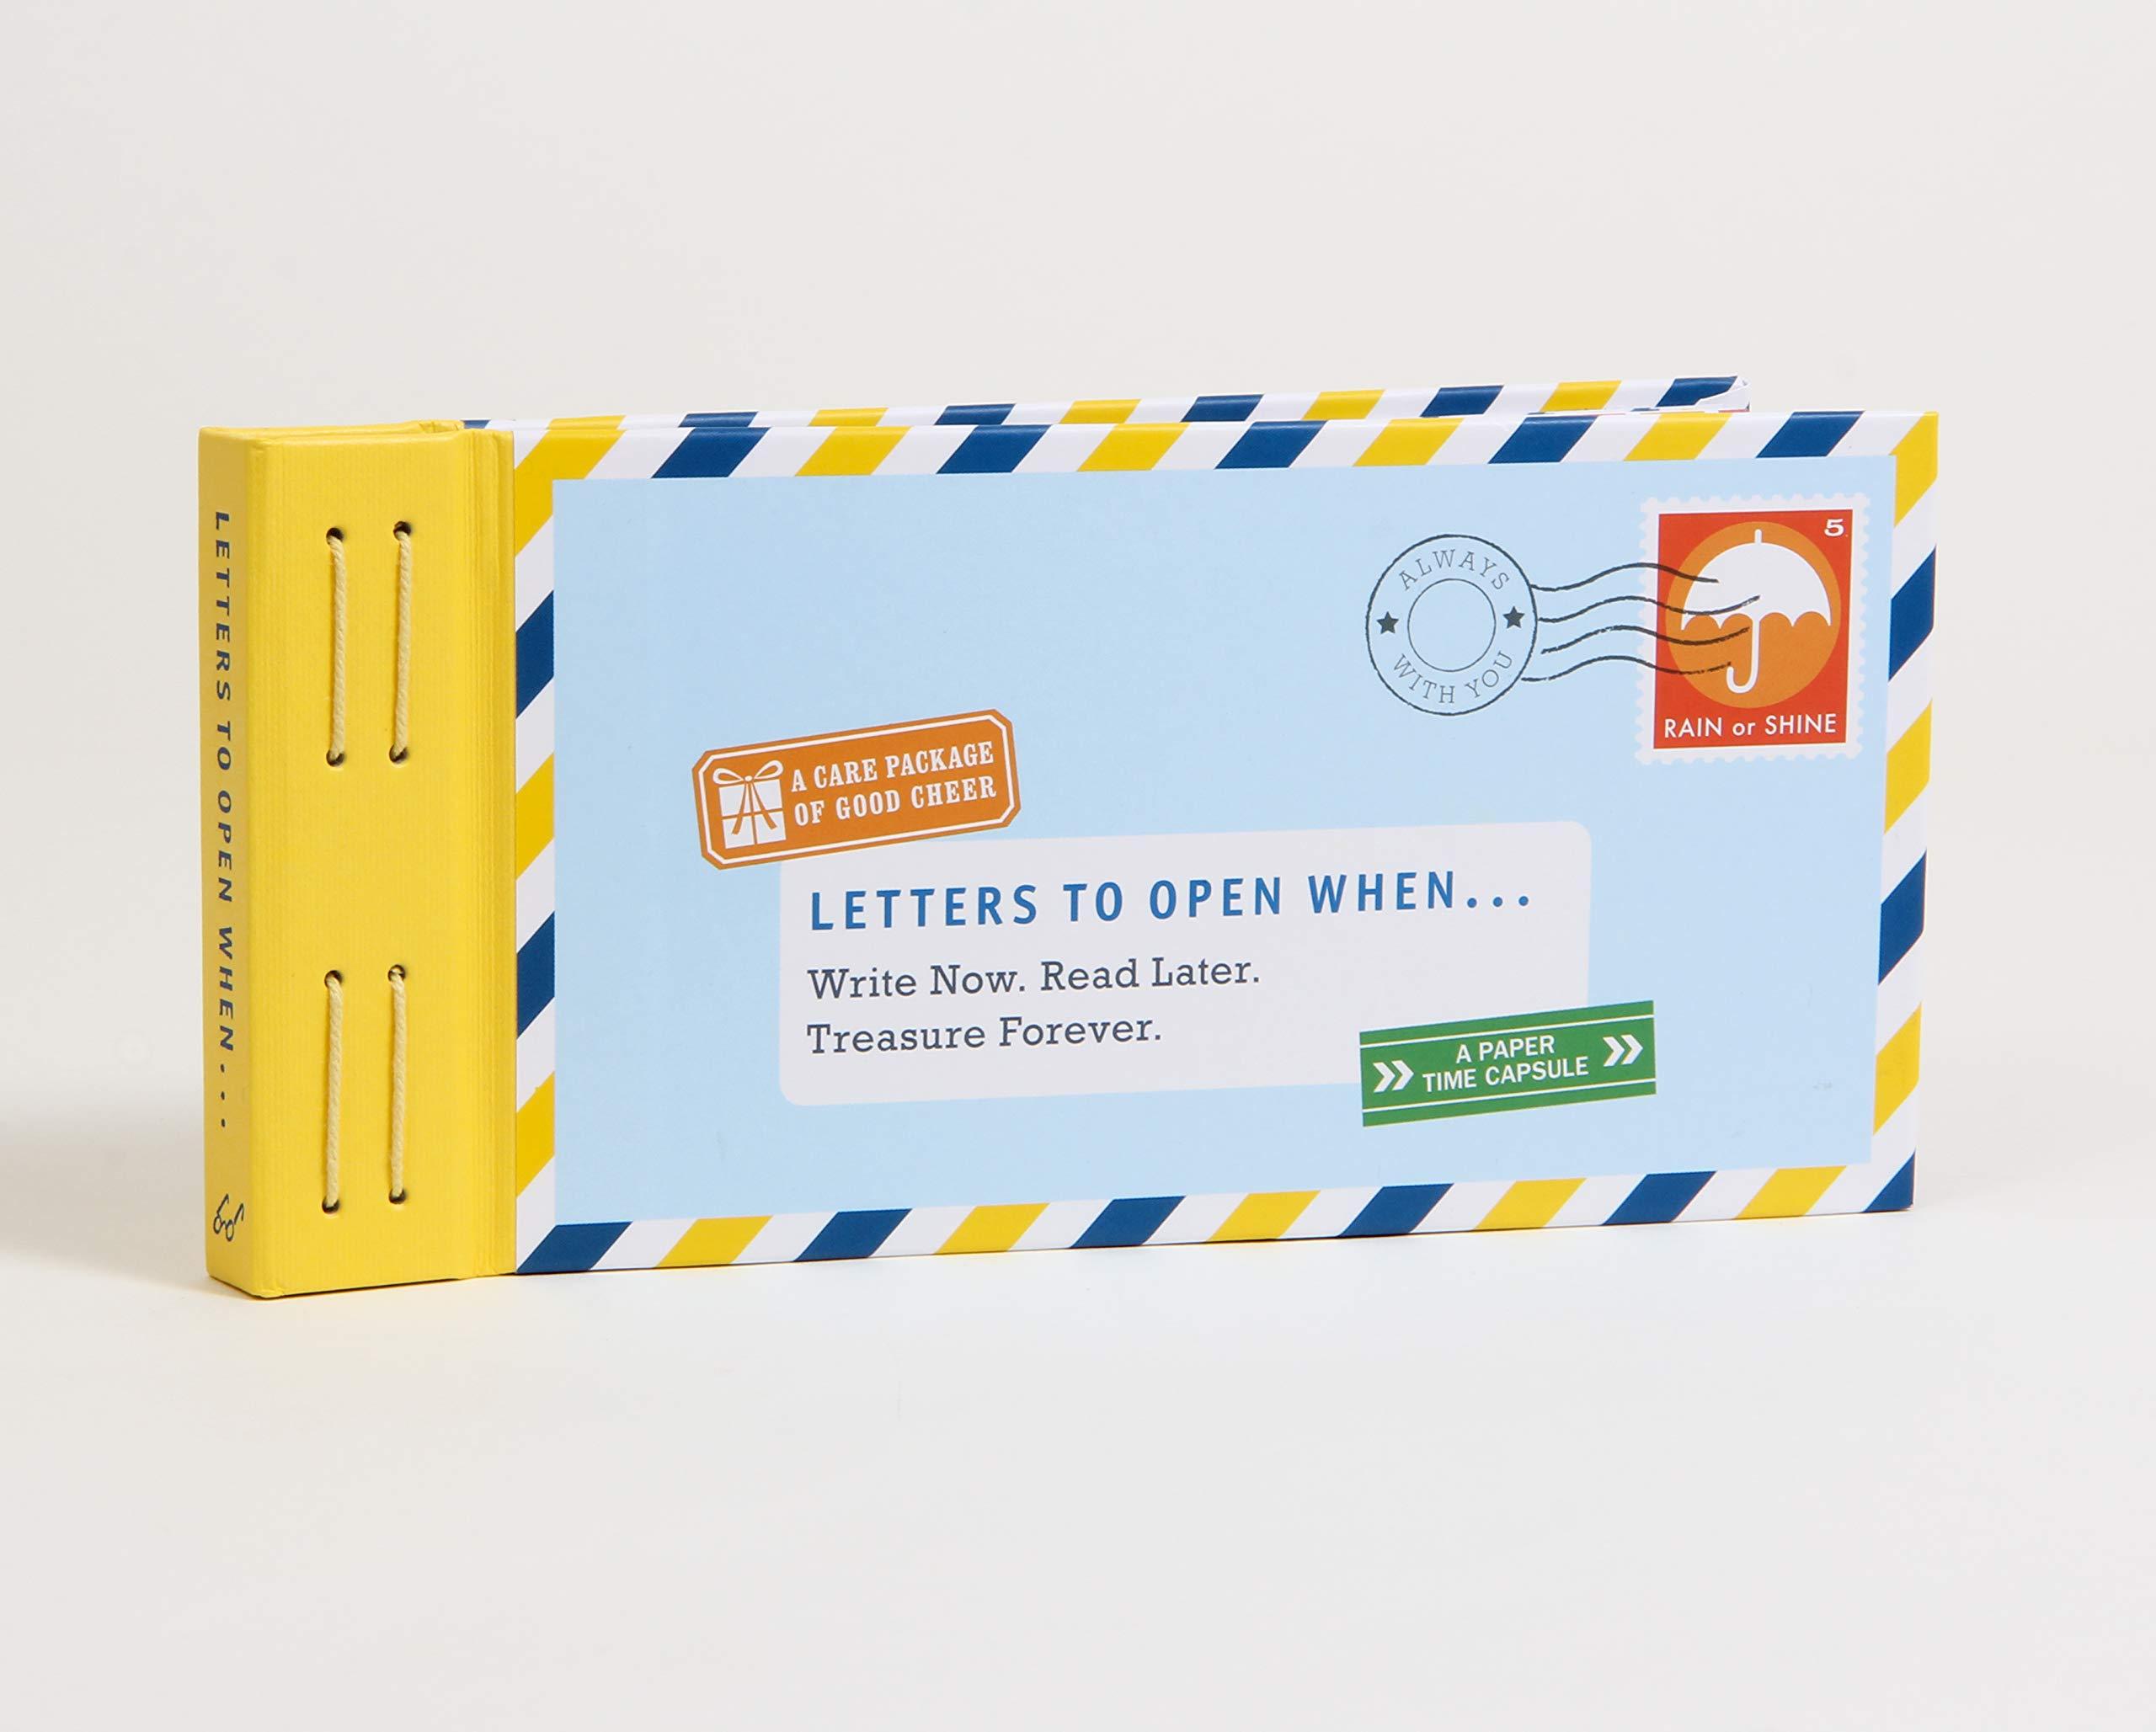 lettres à ouvrir lorsque des idées de cadeaux pour la Saint-Valentin sans fromage pour les couples longue distance